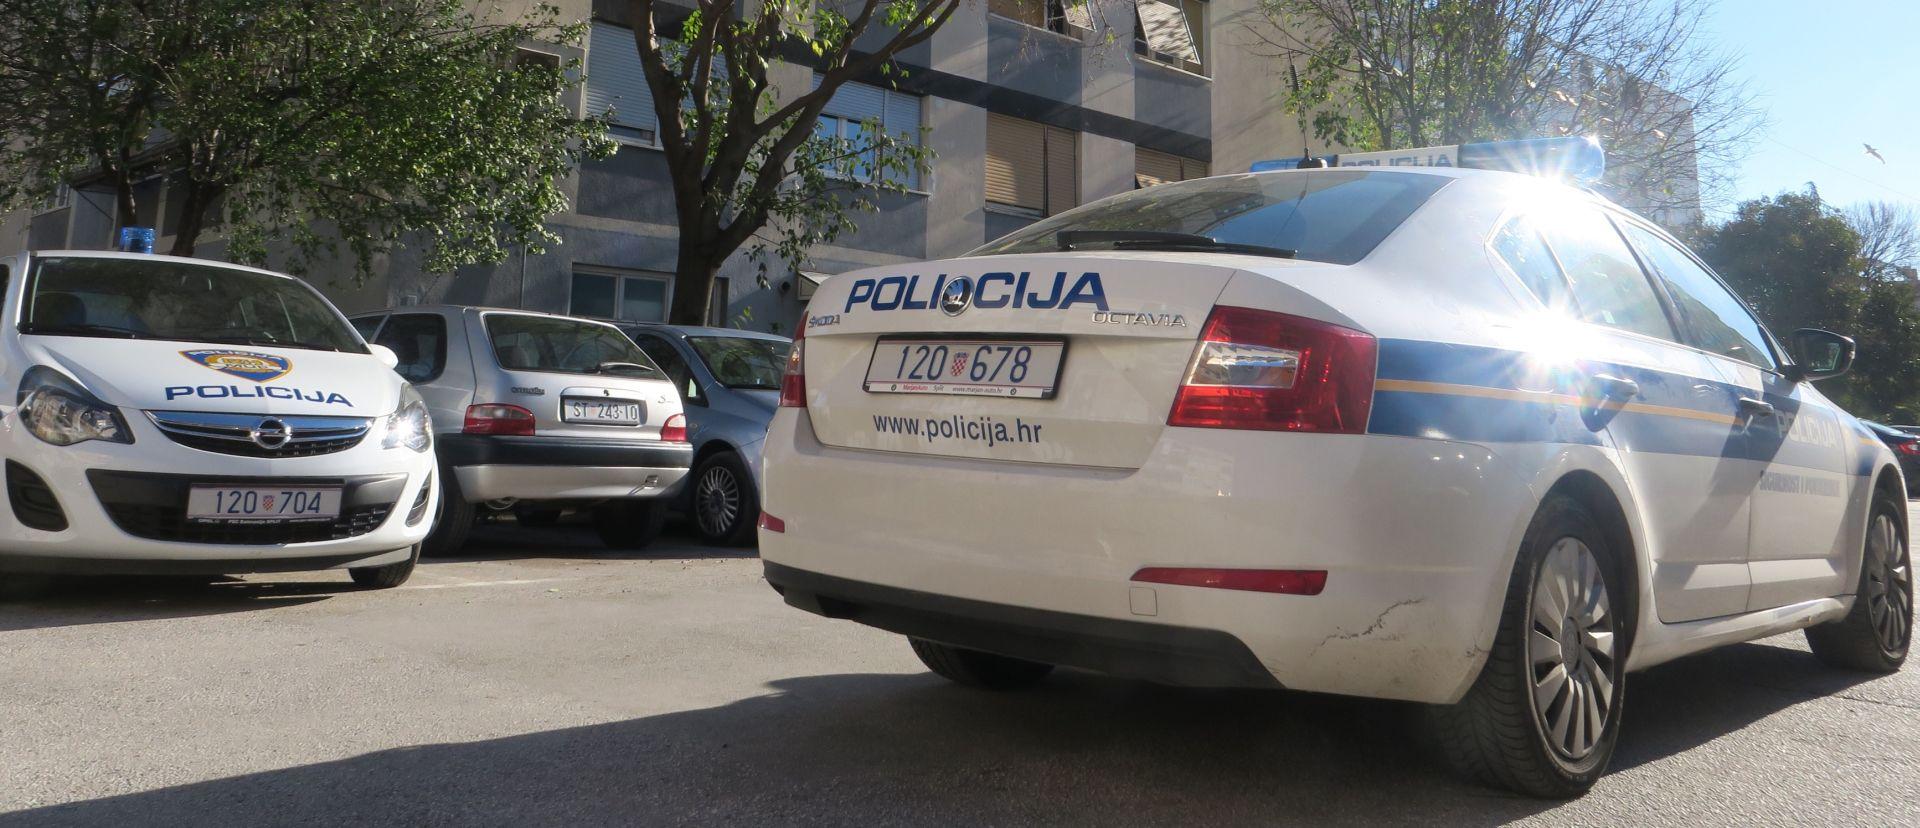 Uhićen muškarac koji je napadao žene po Splitu